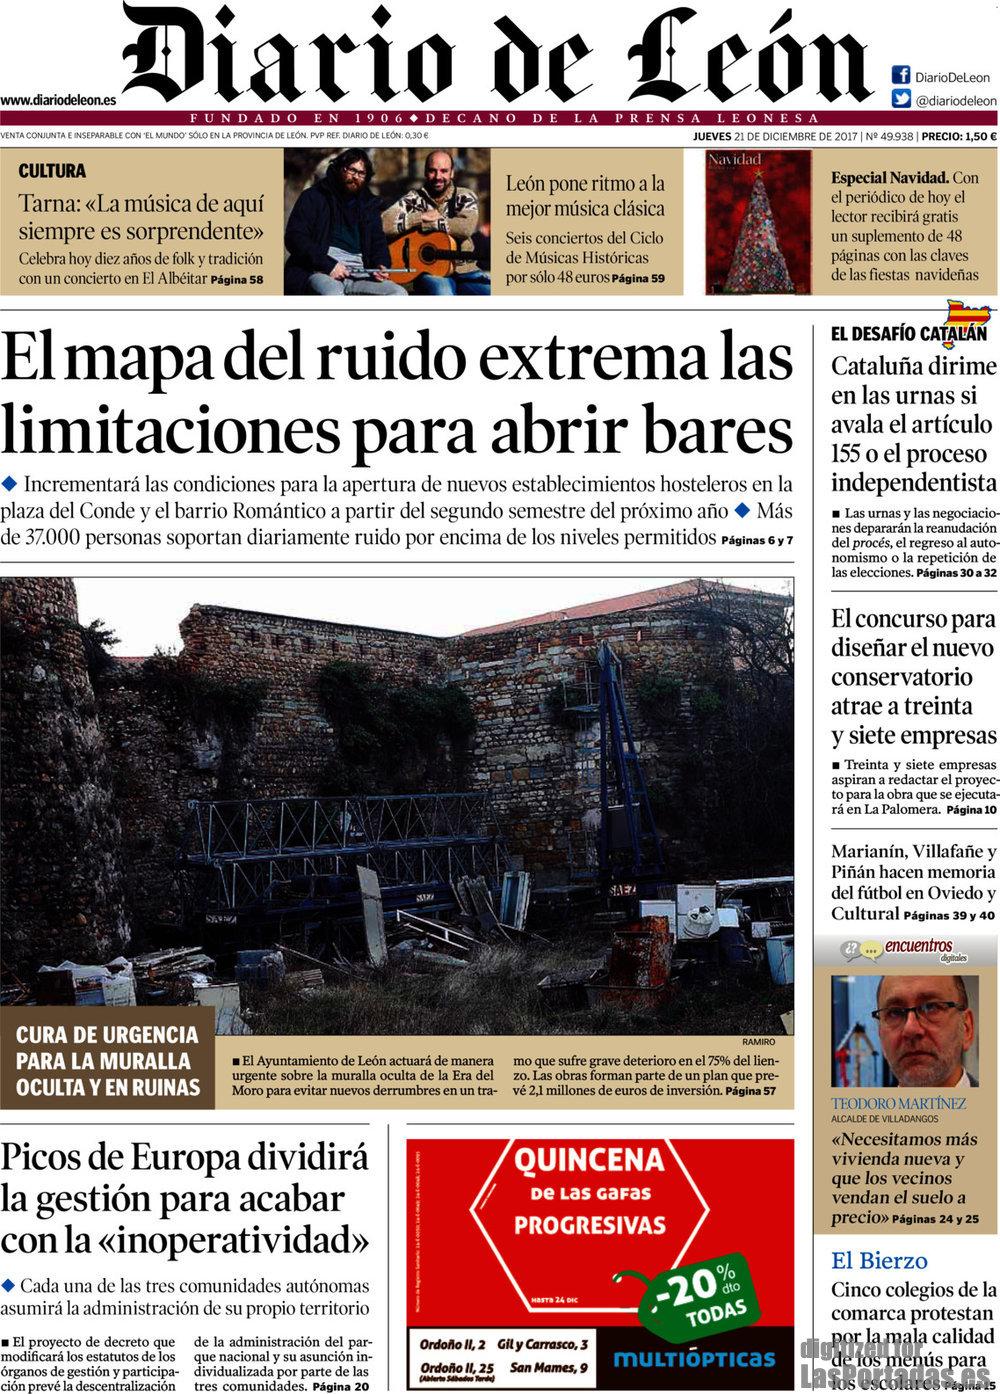 Periodico Diario de León - 21/12/2017